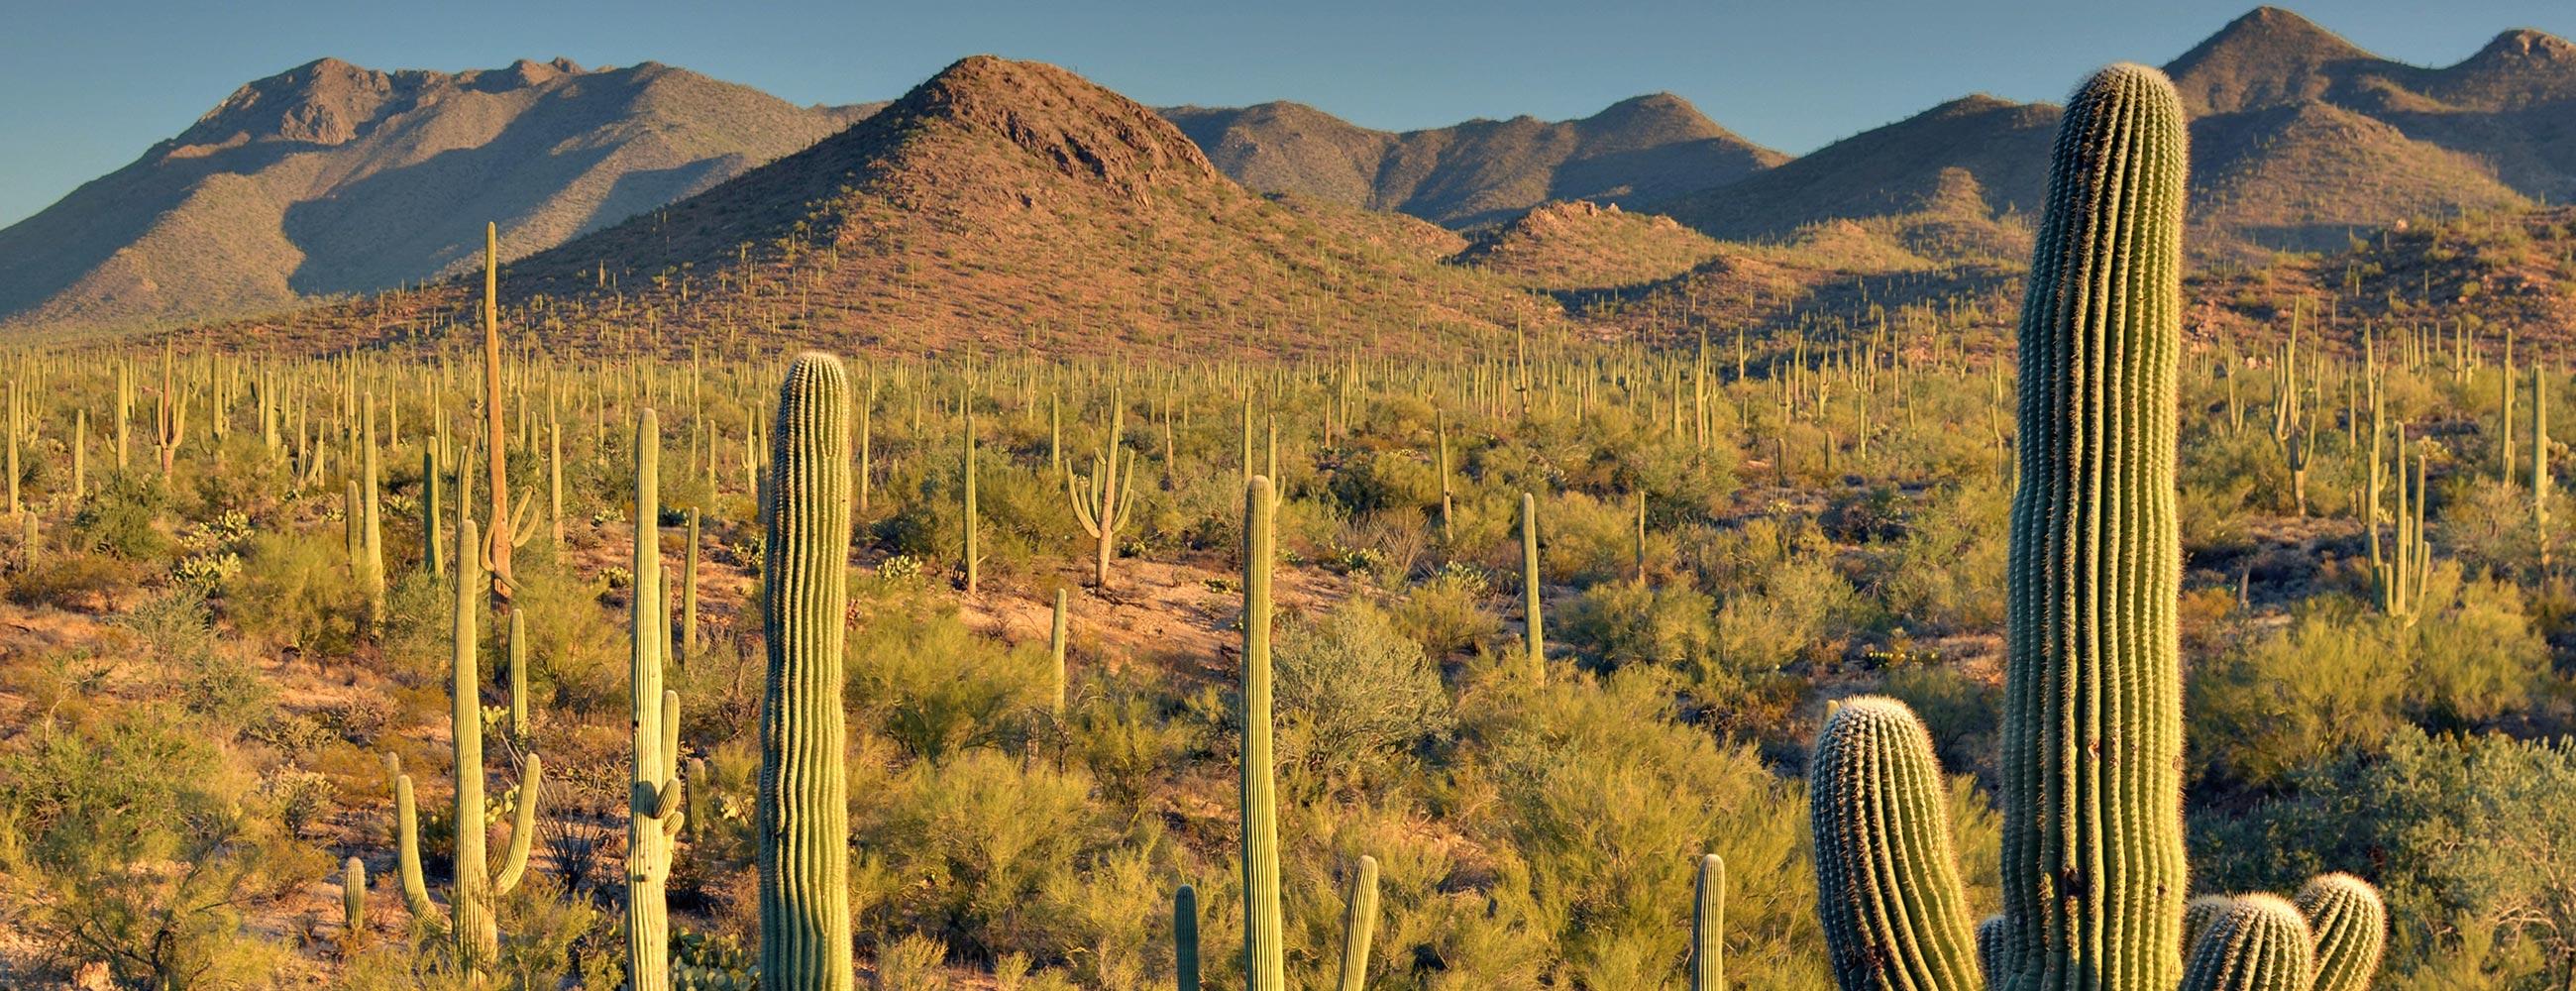 Vue sur les cactus de Saguaro National Park, dans le sud de l'Arizona